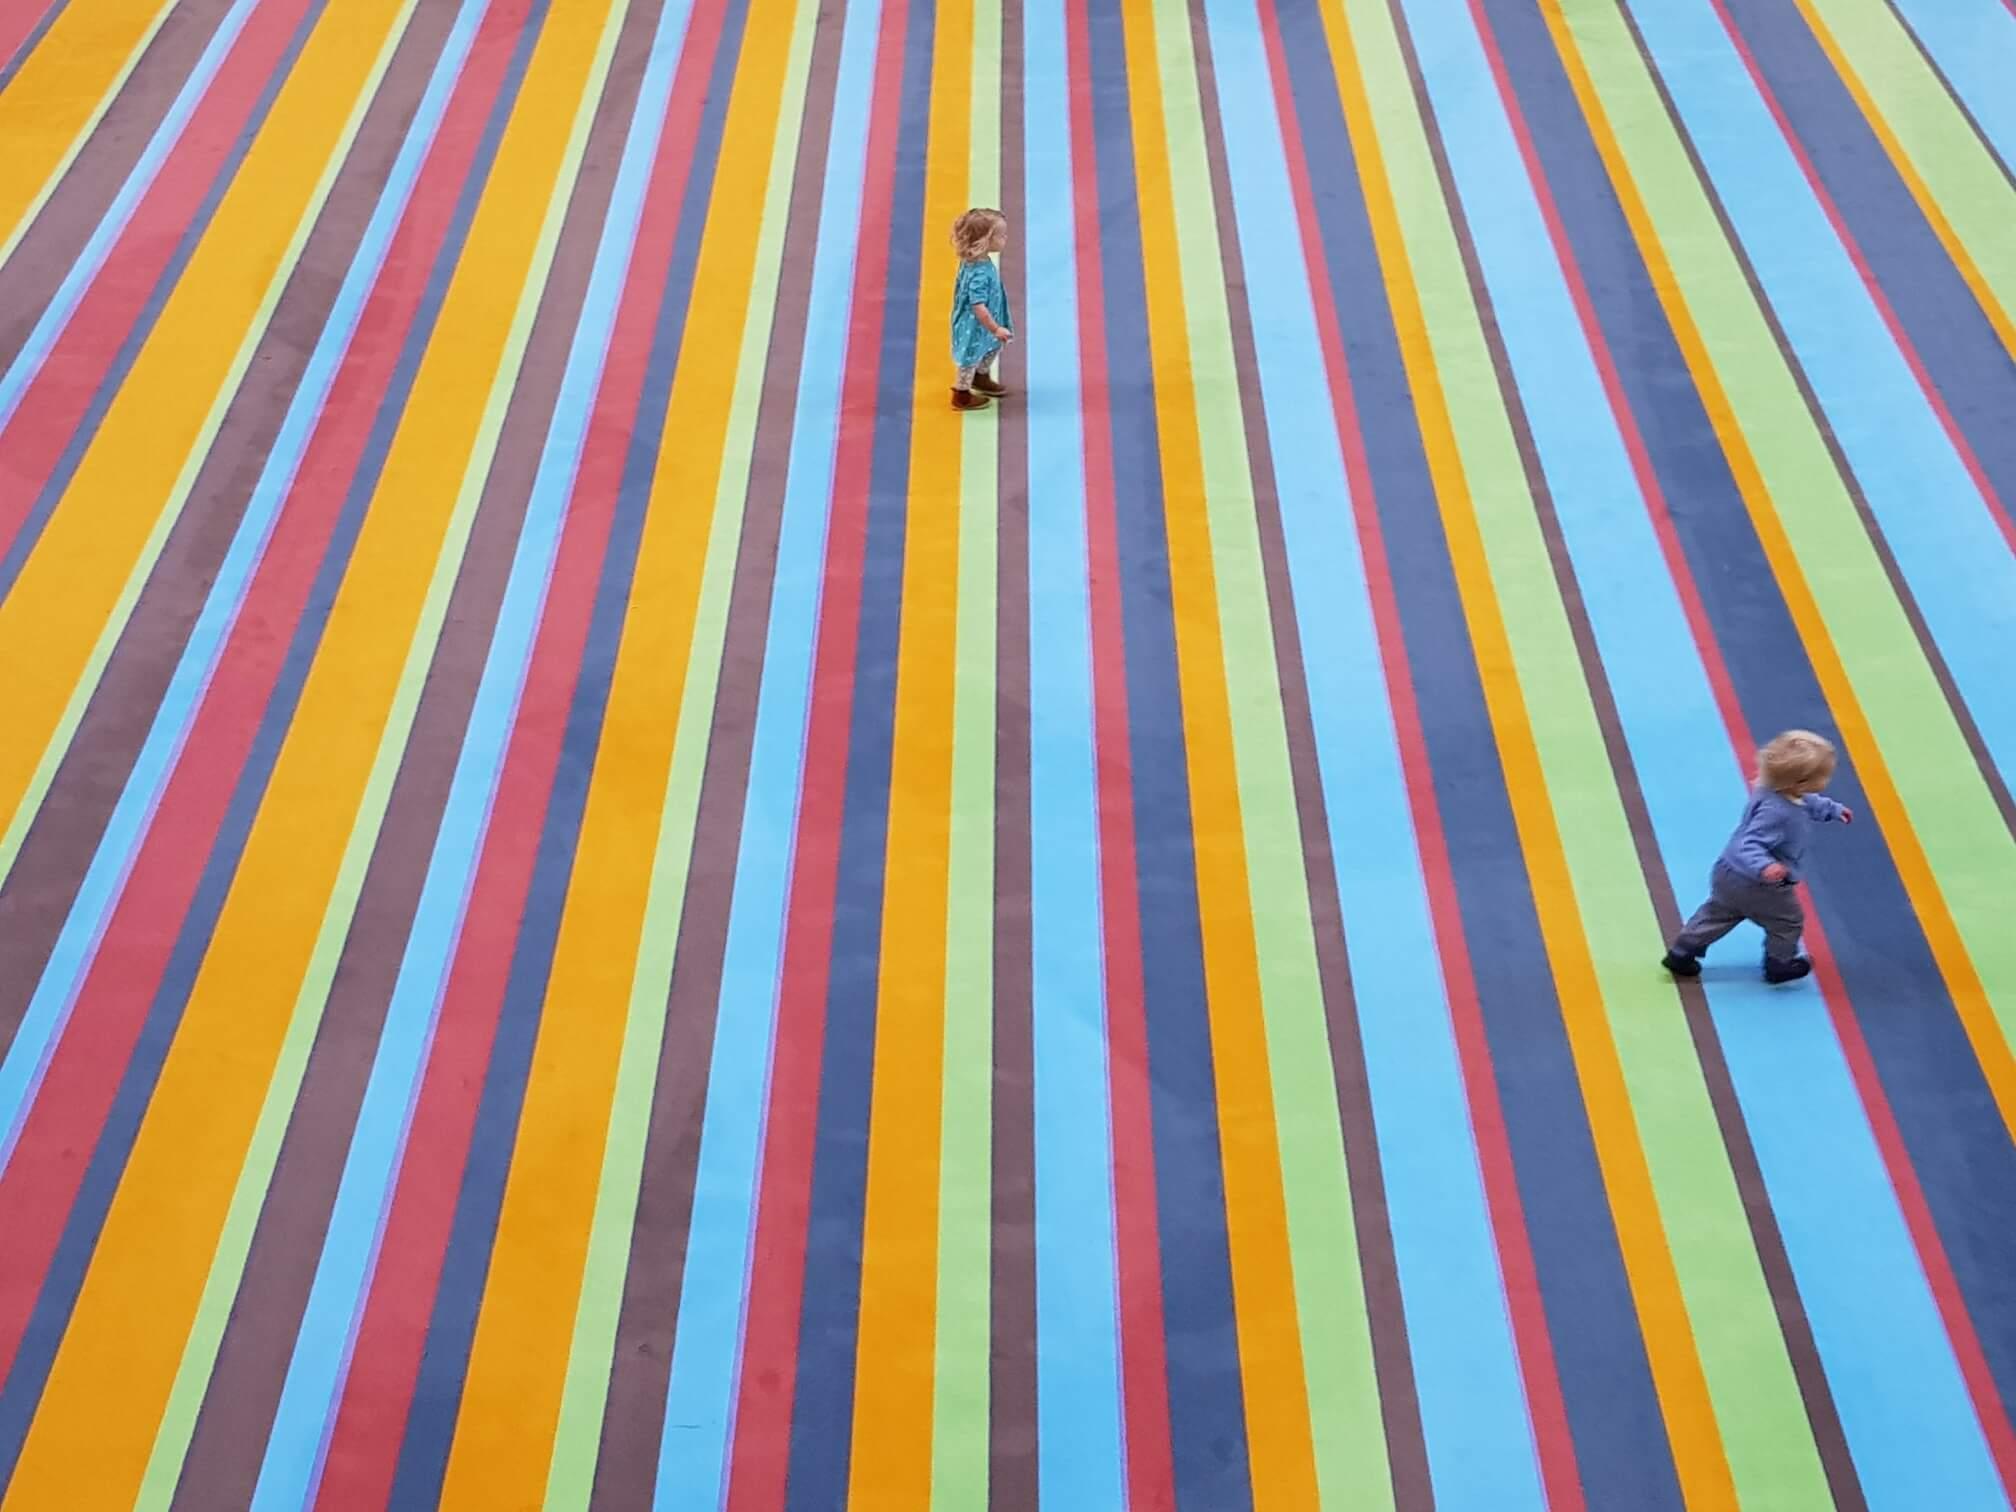 Tate Modern Gallery מוזיאון טייט מודרן לונדון